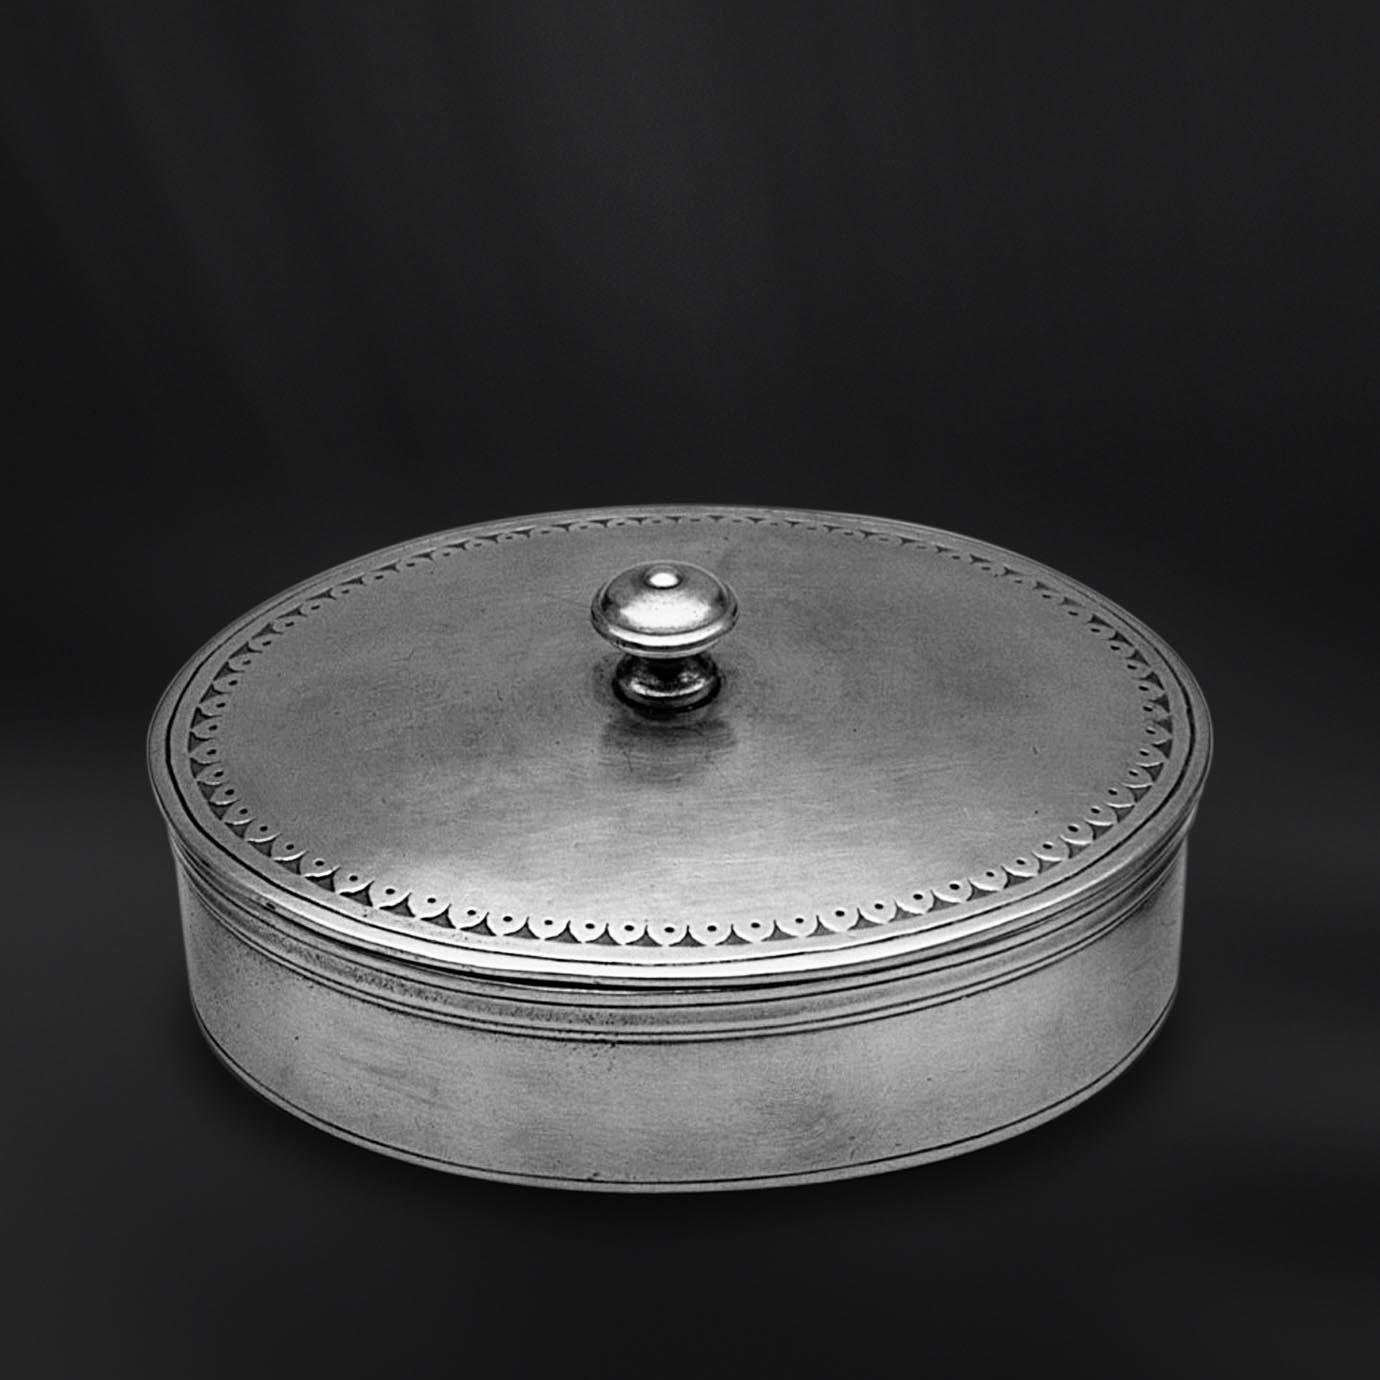 BOITE OU BONBONNIERE etain antique